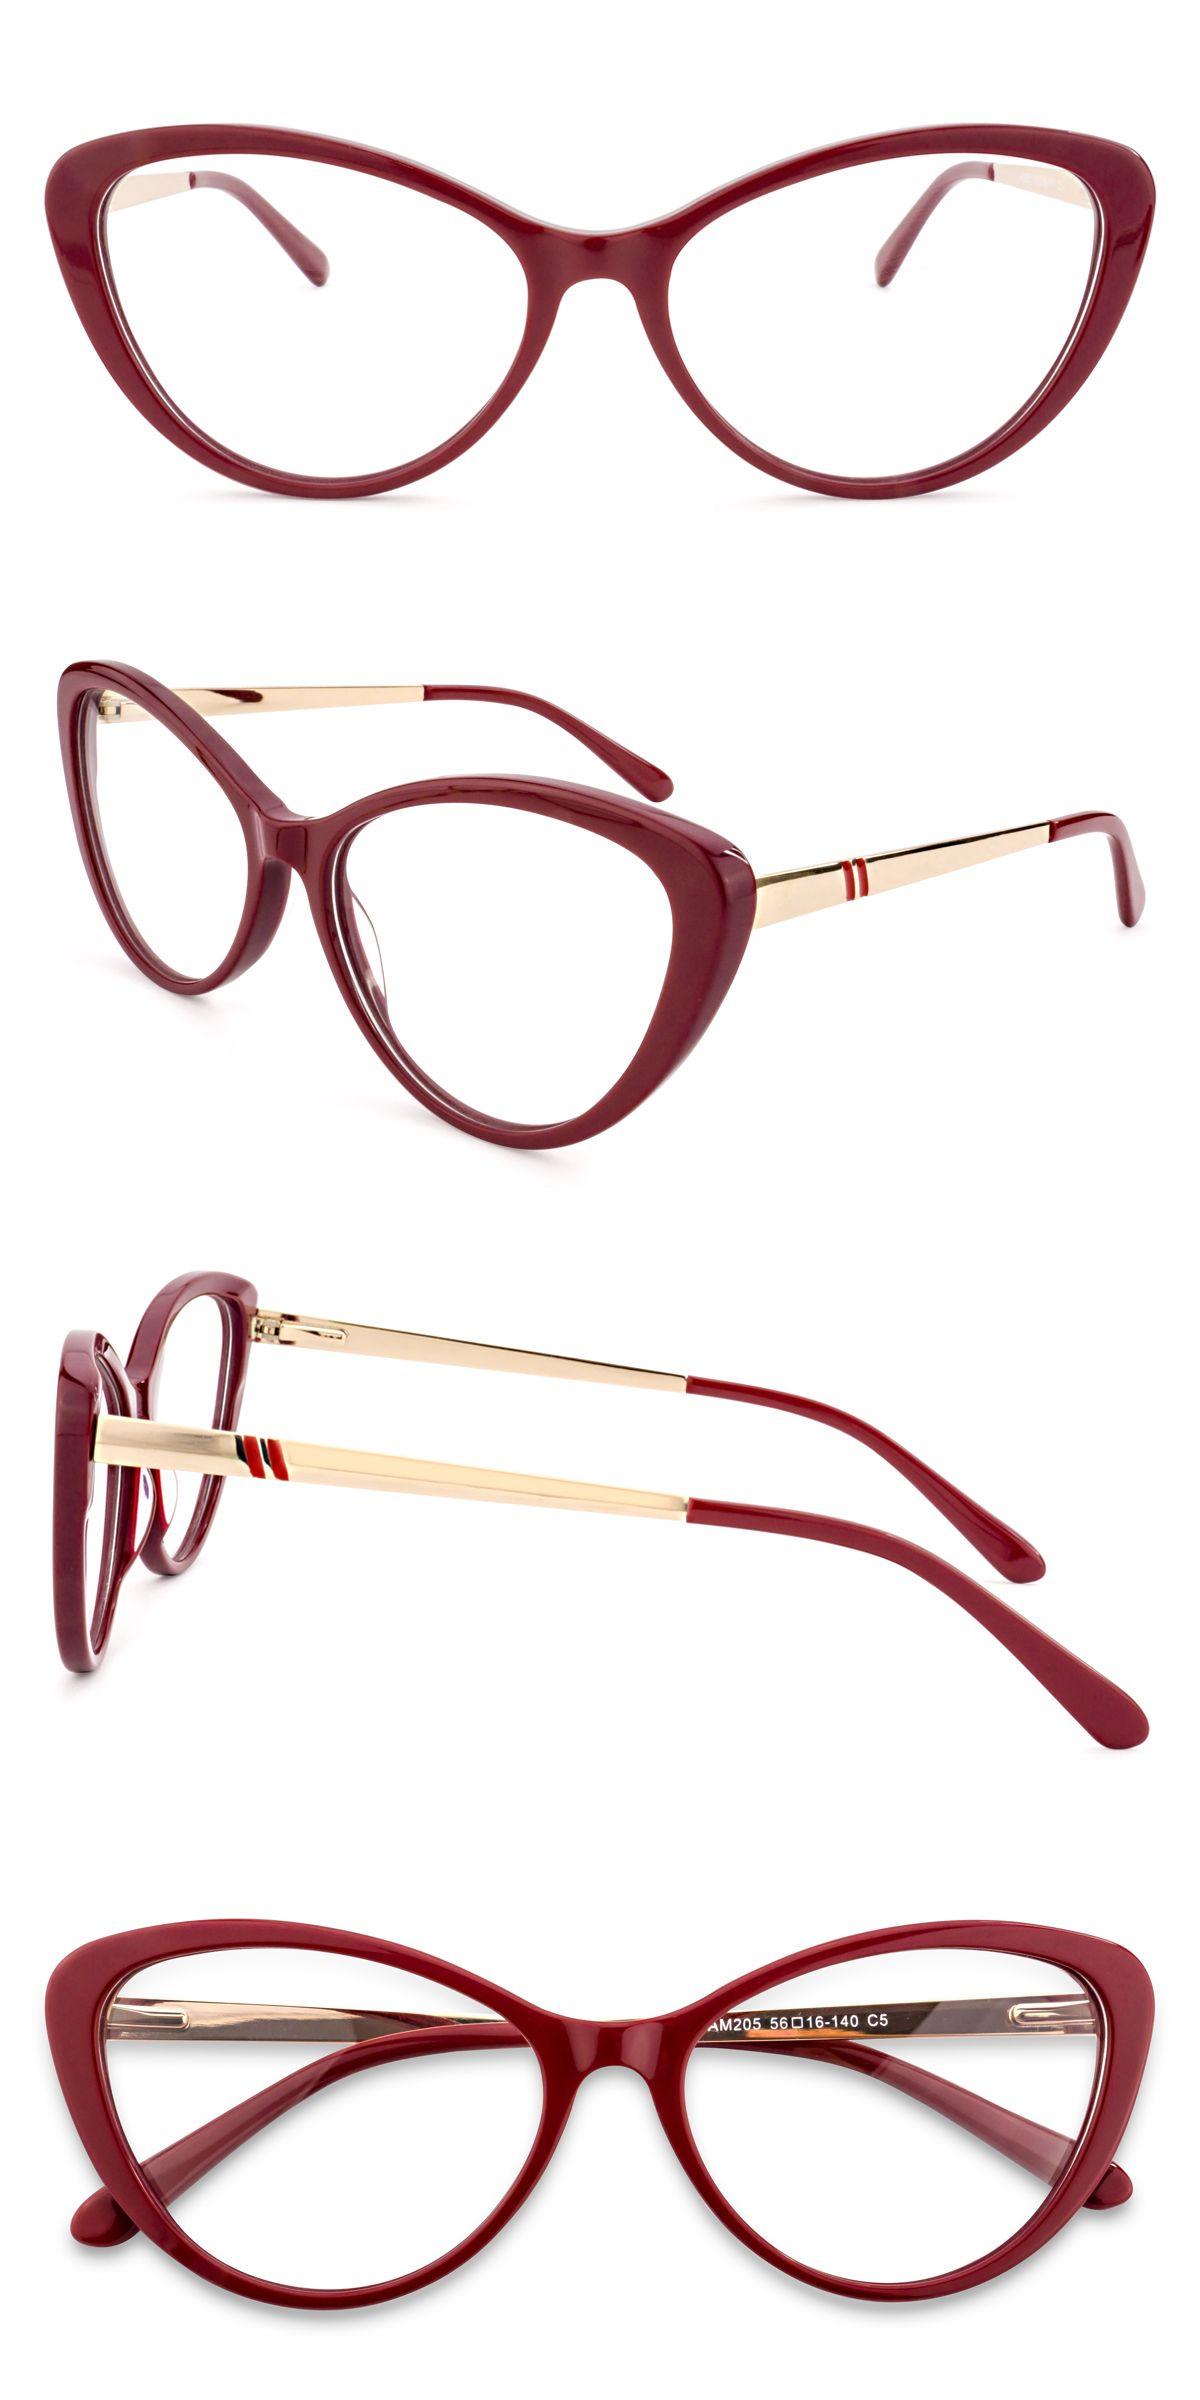 Am 205 Dark Red Em 2020 Armacoes De Oculos Oculos De Grau E